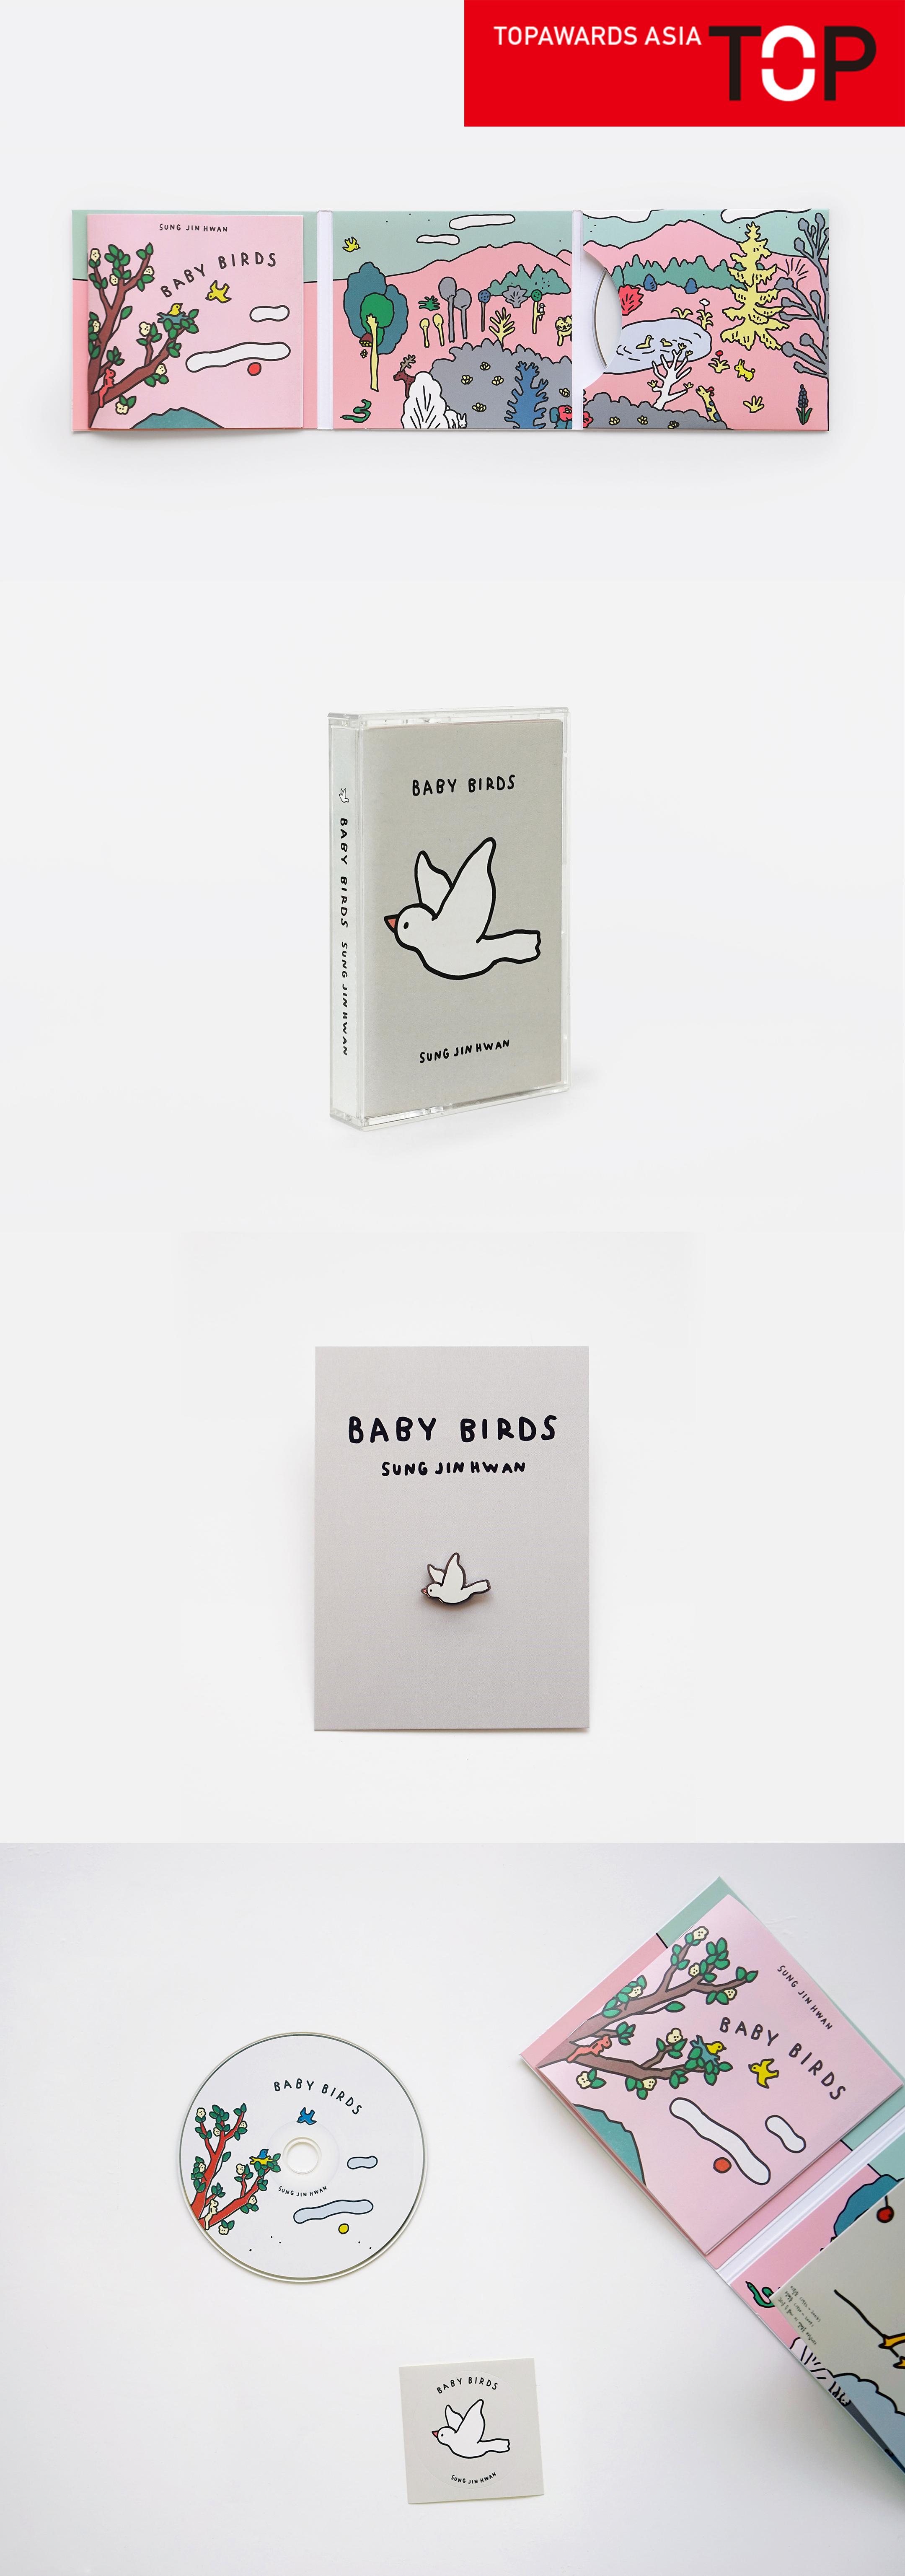 babybirds_2.jpg